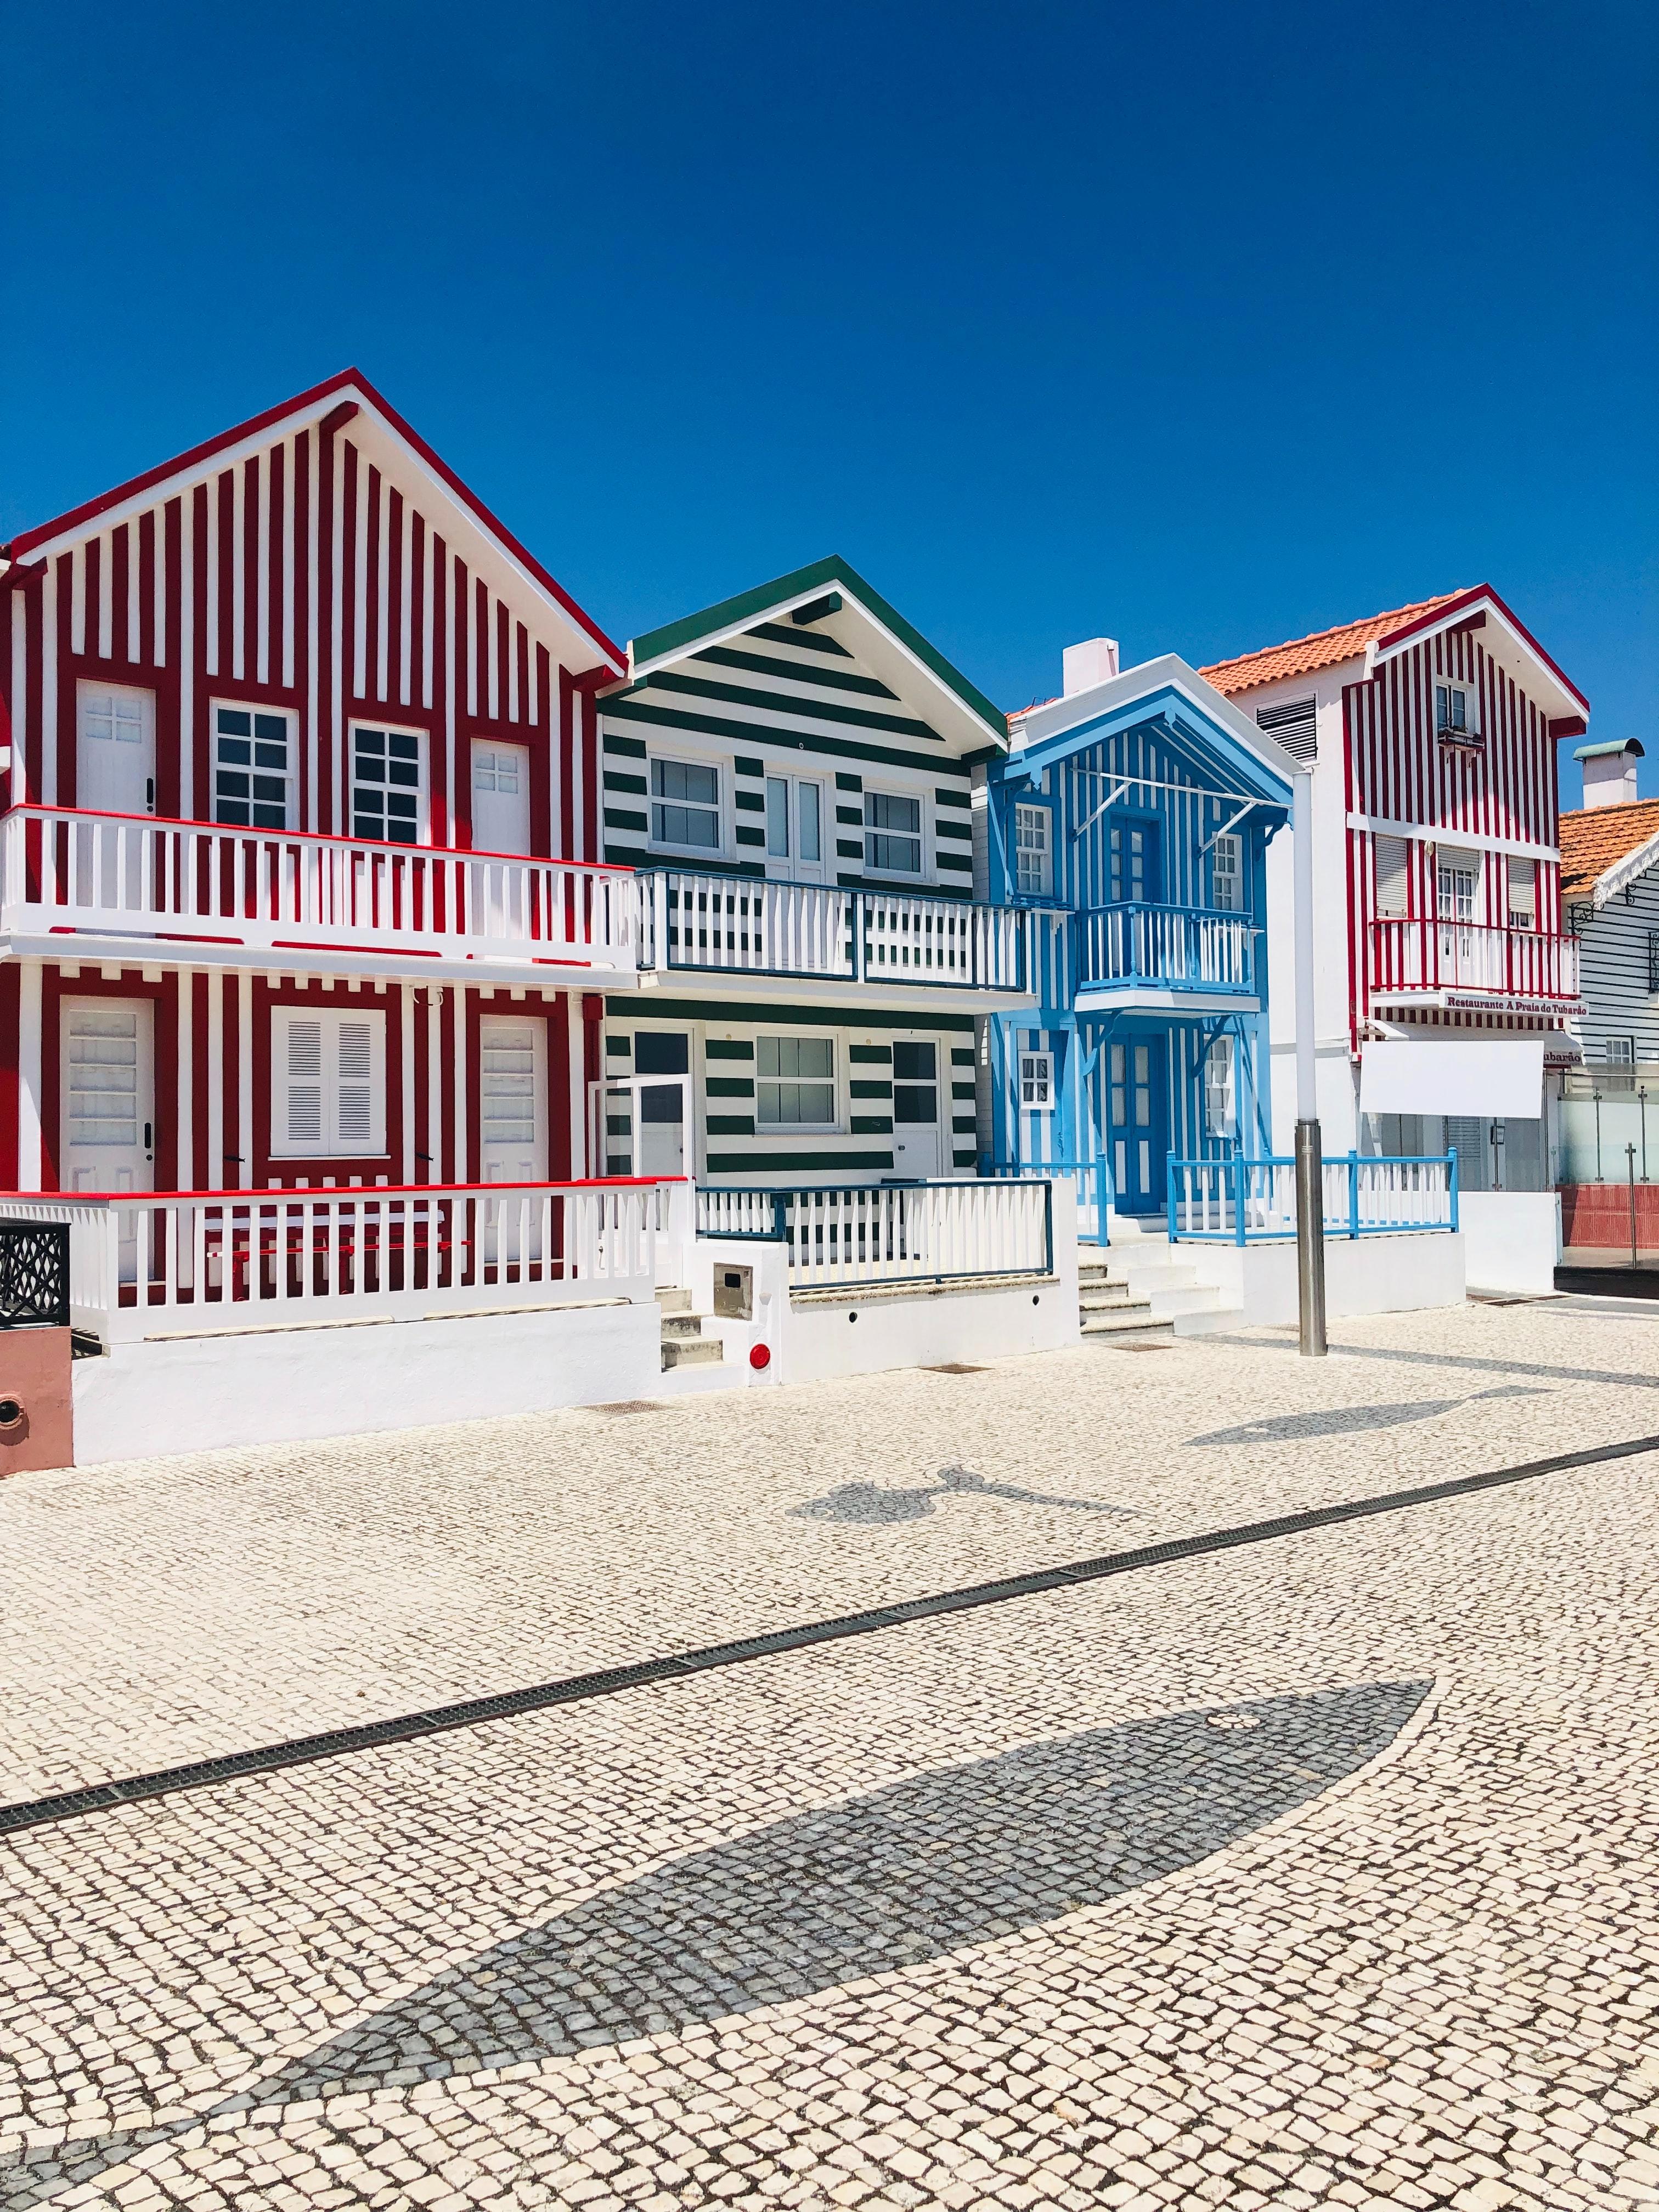 Casas típicas de Aveiro, Costa Nova, Portugal